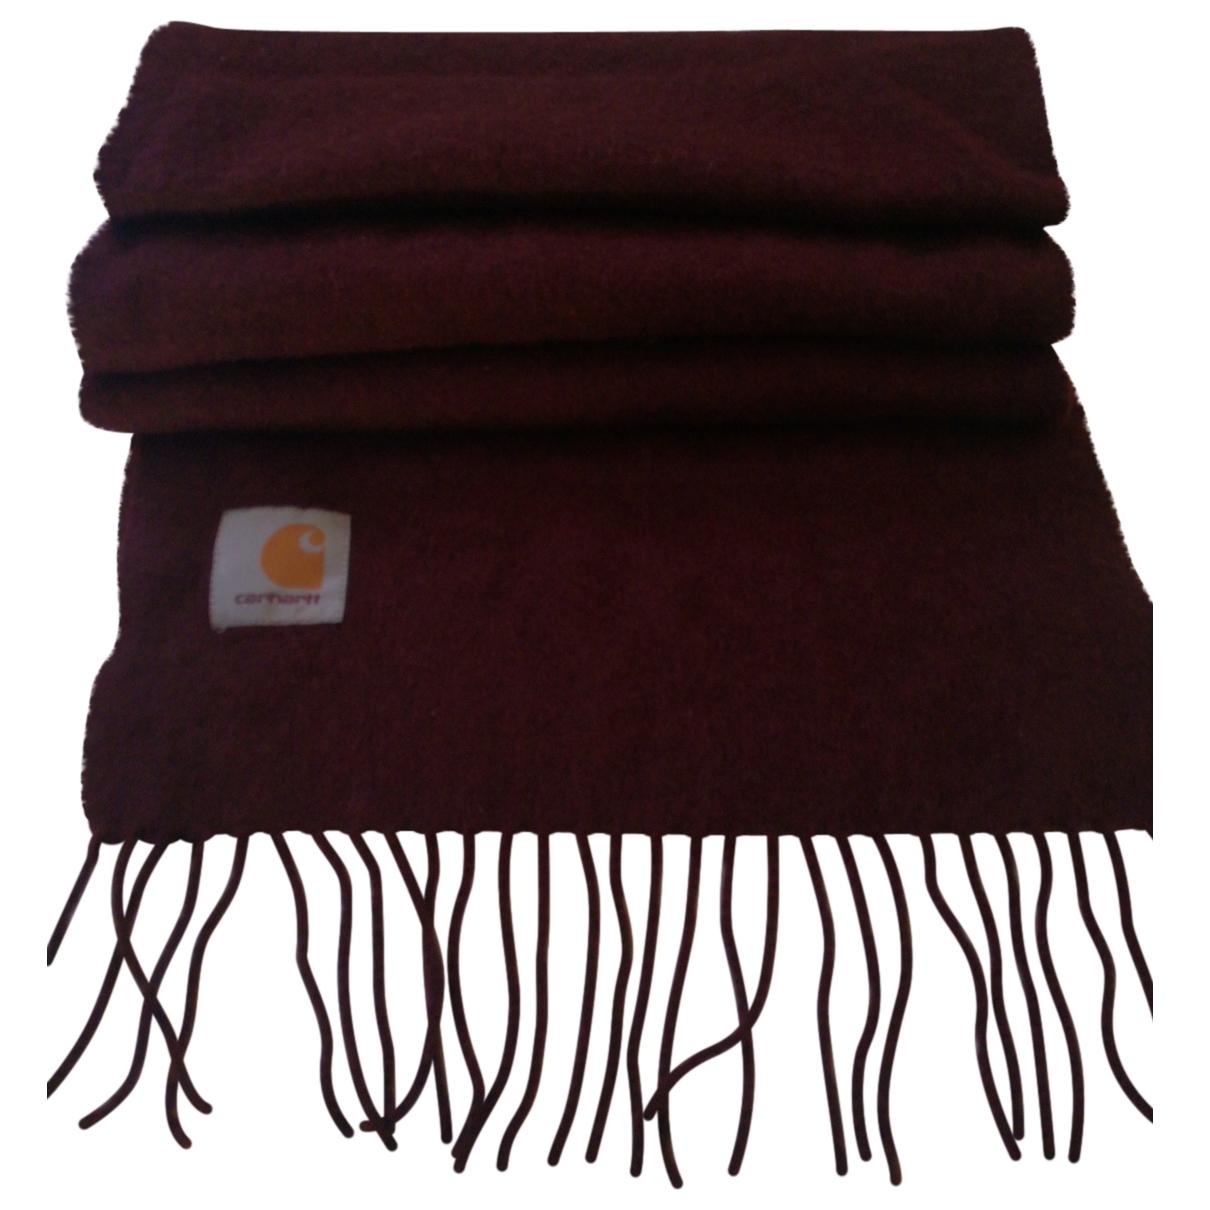 Carhartt \N Burgundy Wool scarf & pocket squares for Men \N